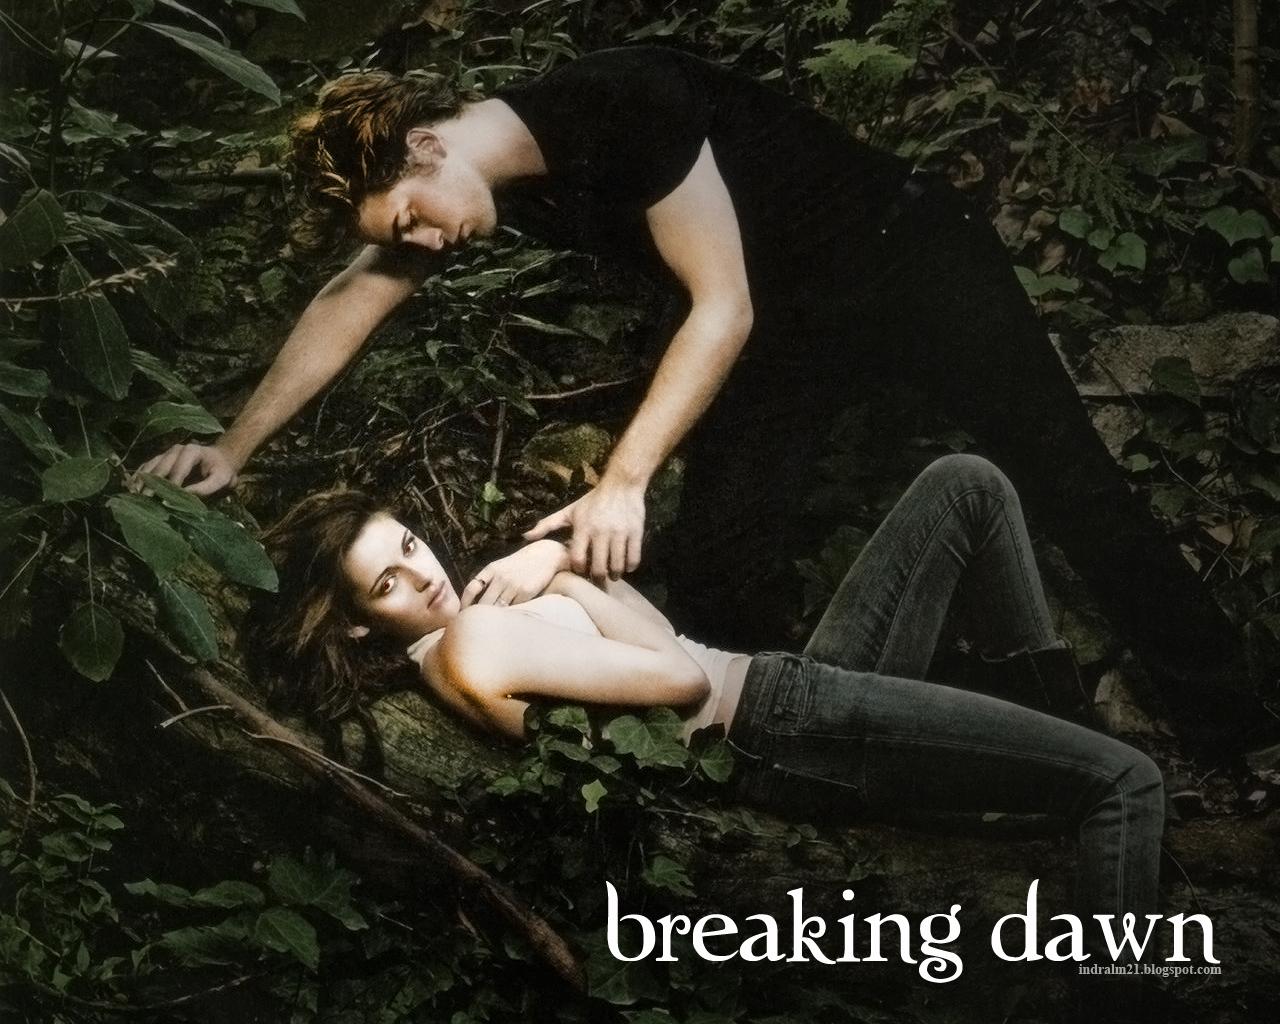 http://2.bp.blogspot.com/-GP1S4DKhW20/TyqOucbBjpI/AAAAAAAAAEI/redNQll4lTI/s1600/Breaking-Dawn-twilight1.jpg